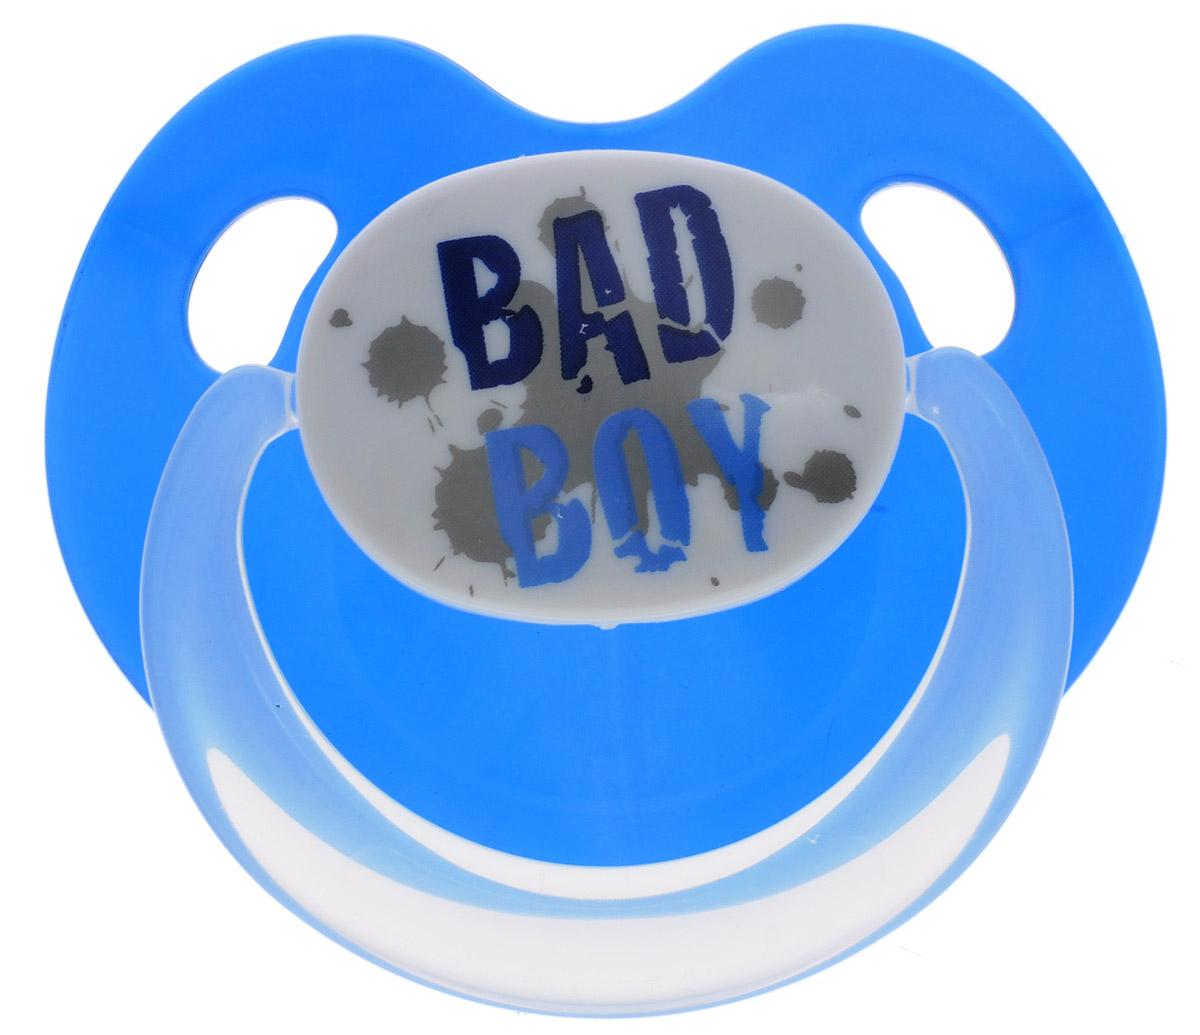 Bibi Пустышка силиконовая Bad Boy от 6 до 16 месяцев цвет синий112372_синийСиликоновая пустышка Bibi Bad Boy предназначена для детей от 6 до 16 месяцев. Размер соски разработан в соответствии с возрастом ребенка. Форма соски способствует естественному развитию неба и челюсти. Анатомическая форма нагубника повторяет форму рта и обеспечивает удобство при движении нижней челюсти. Дополнительную безопасность обеспечивают два вентиляционных отверстия. Силиконовая пустышка Bibi Bad Boy - это модный аксессуар, сочетающий качество, функциональность и положительные эмоции. Не содержит бисфенол-А.